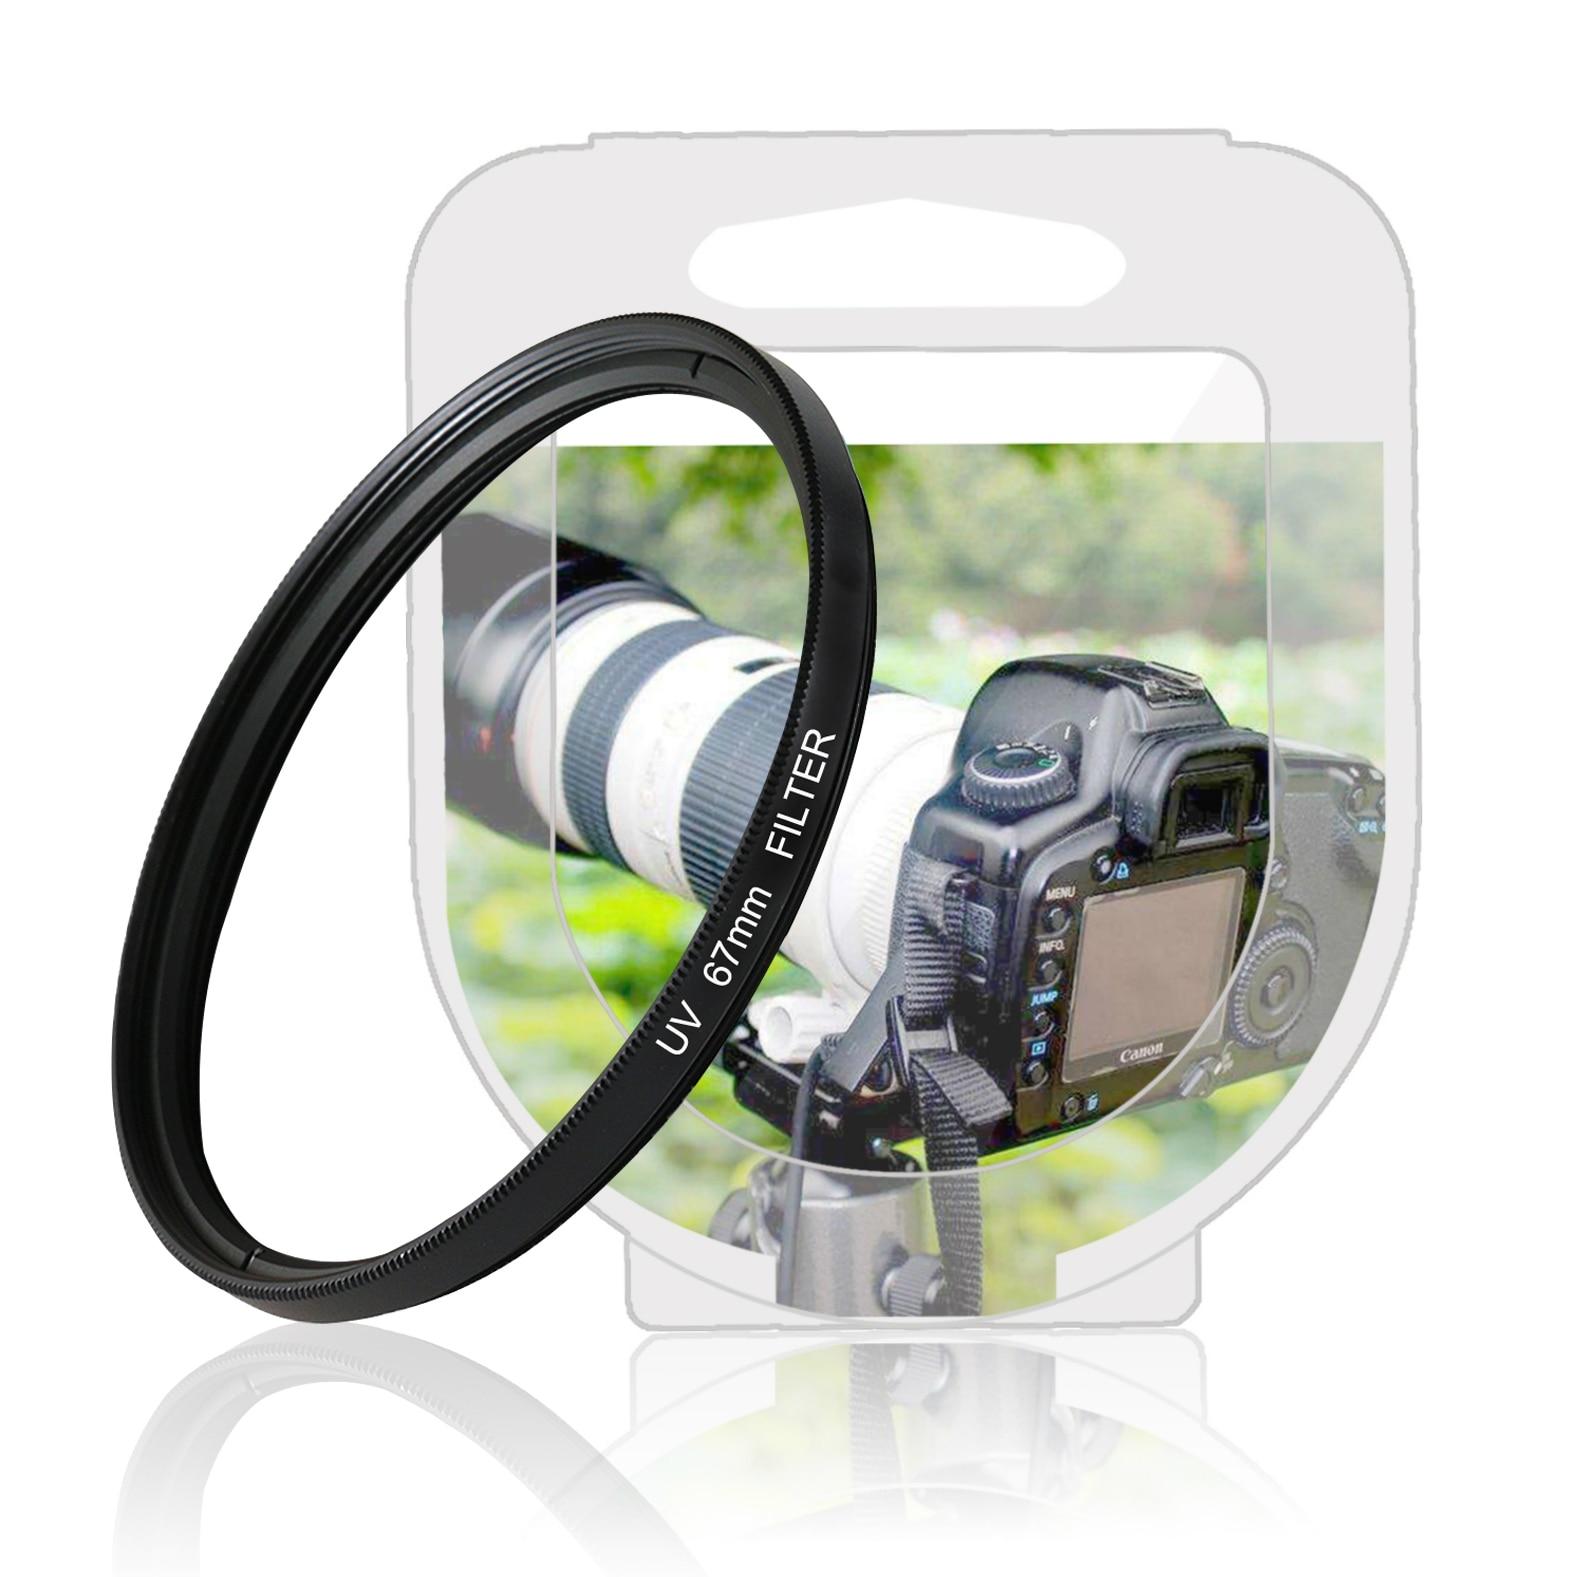 40,5 43 46 49 52 55 58 62 67 72 77 82 мм защитный цифровой УФ-фильтр для объектива для canon nikon DSLR SLR Камера с посылка